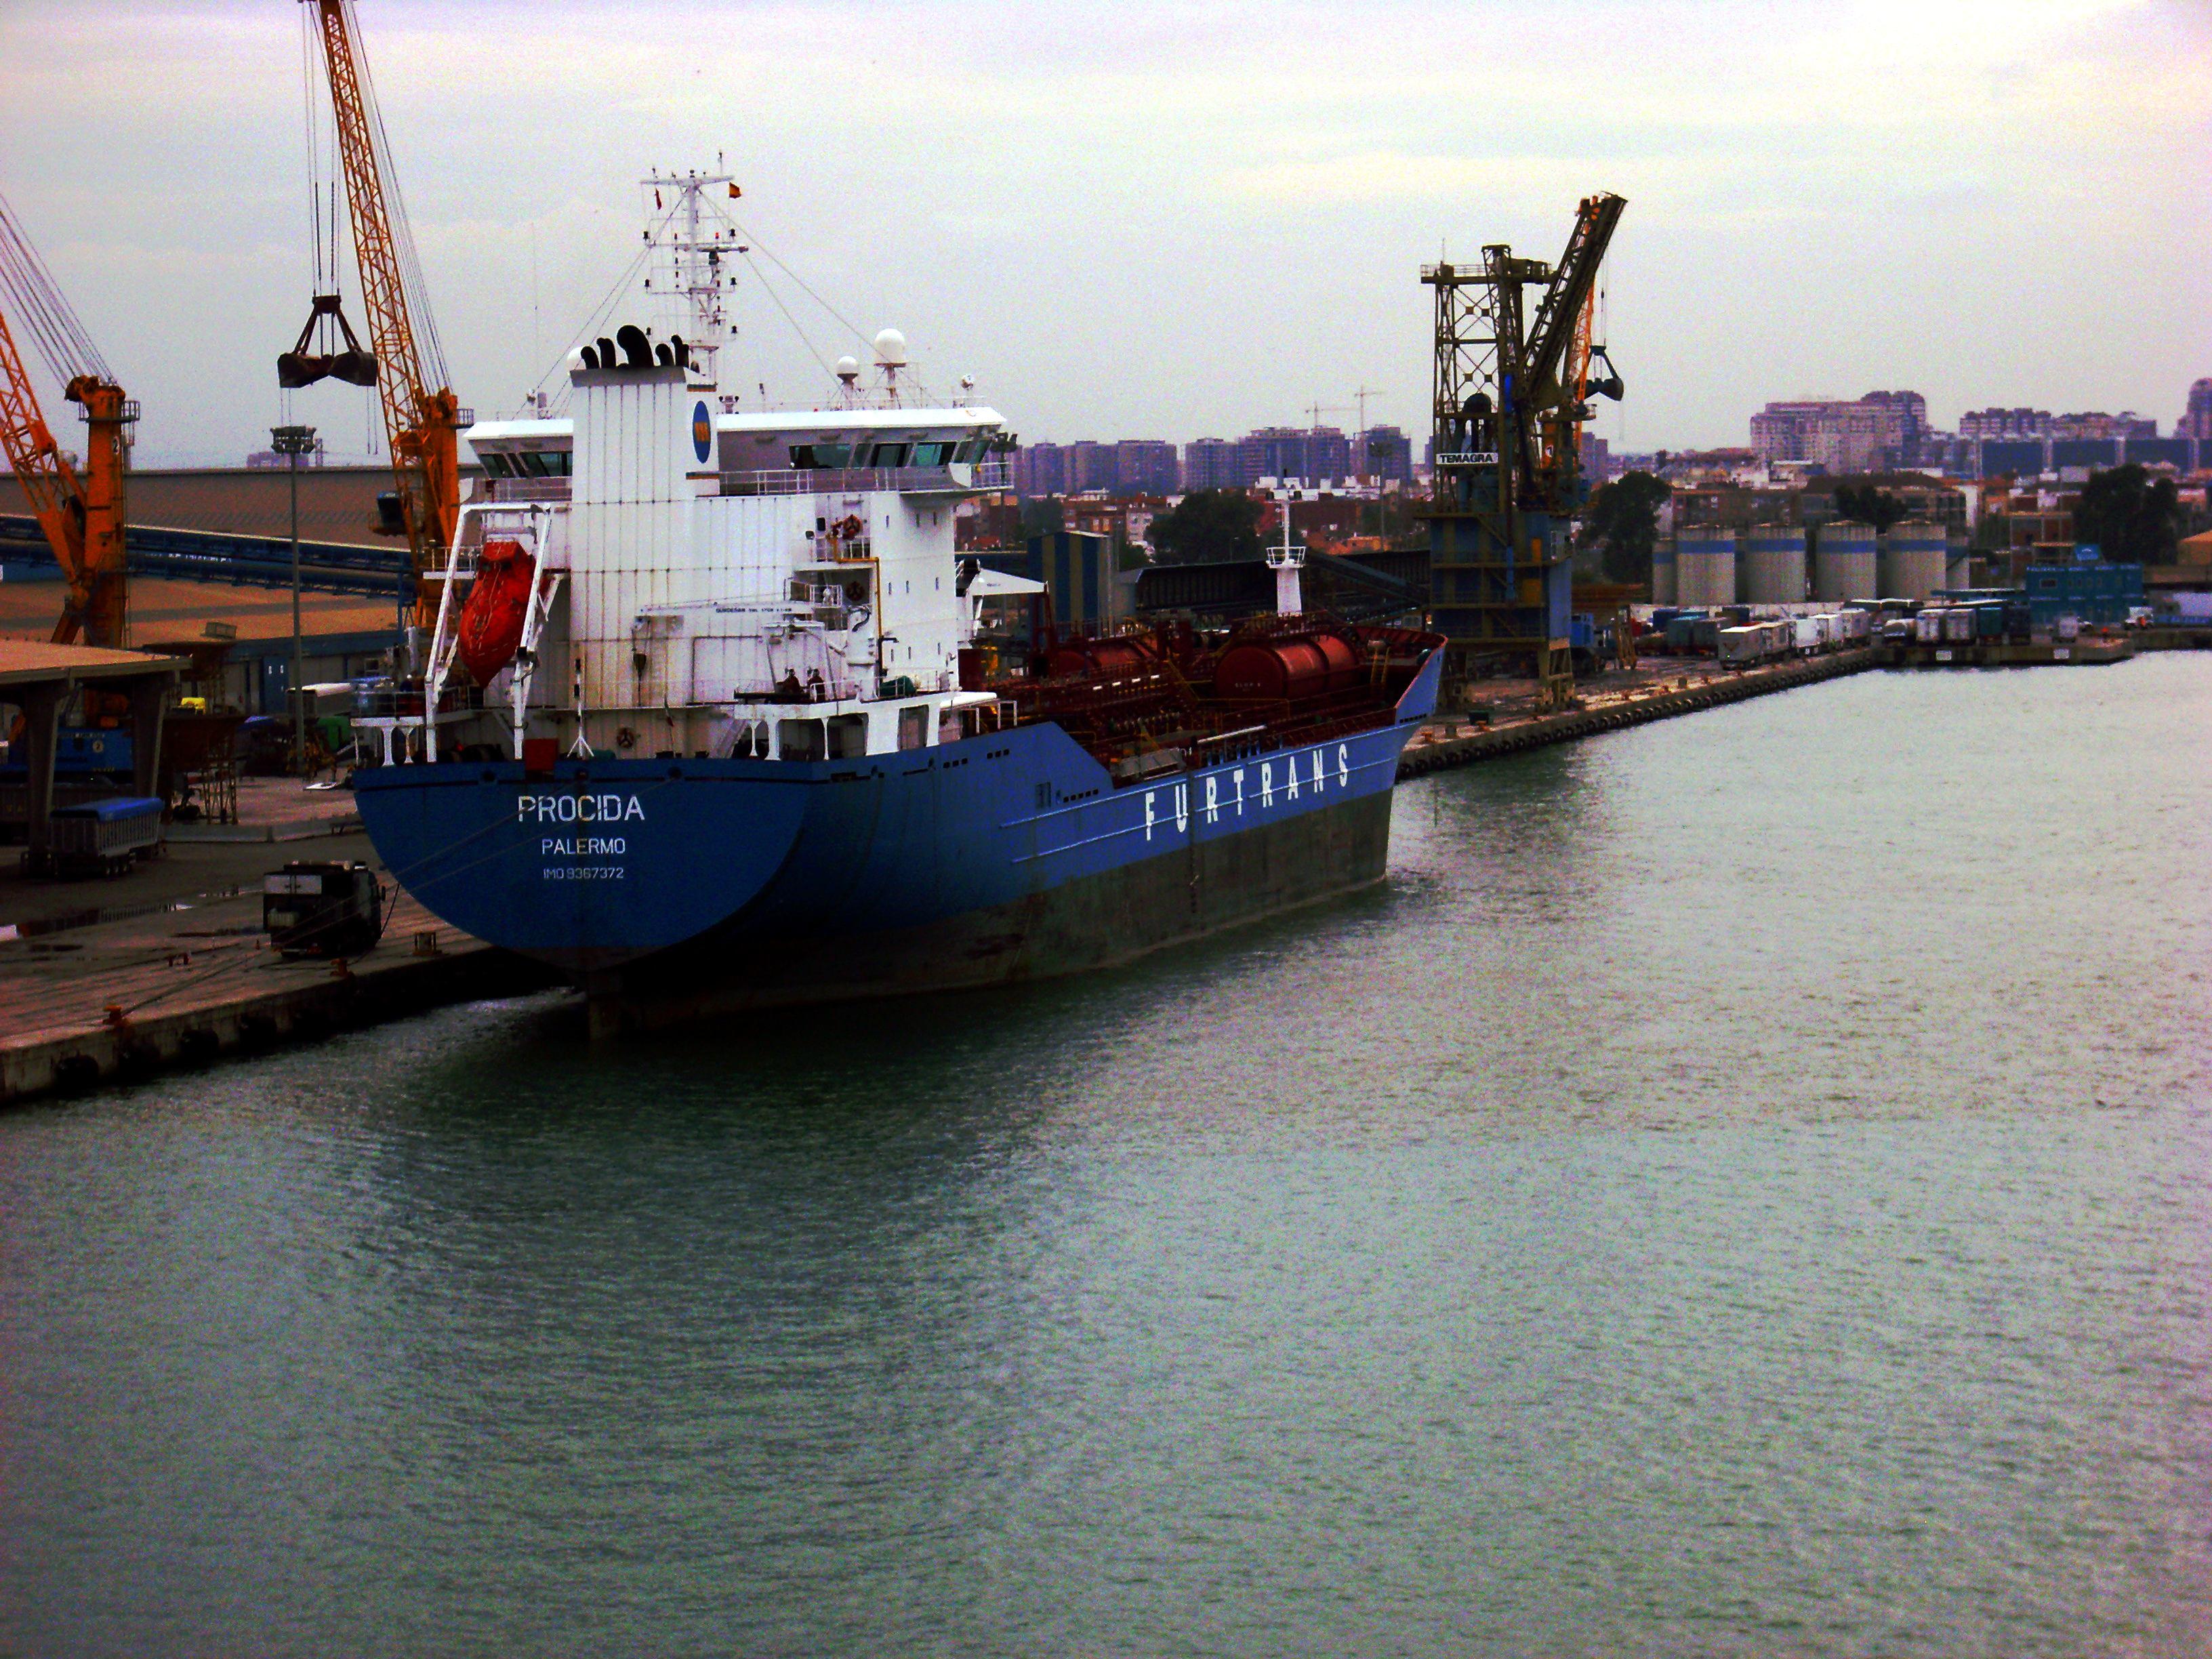 Las leyes marinas m s informacion sobre el mayor fraude de la historia - Todo sobre barcos ...